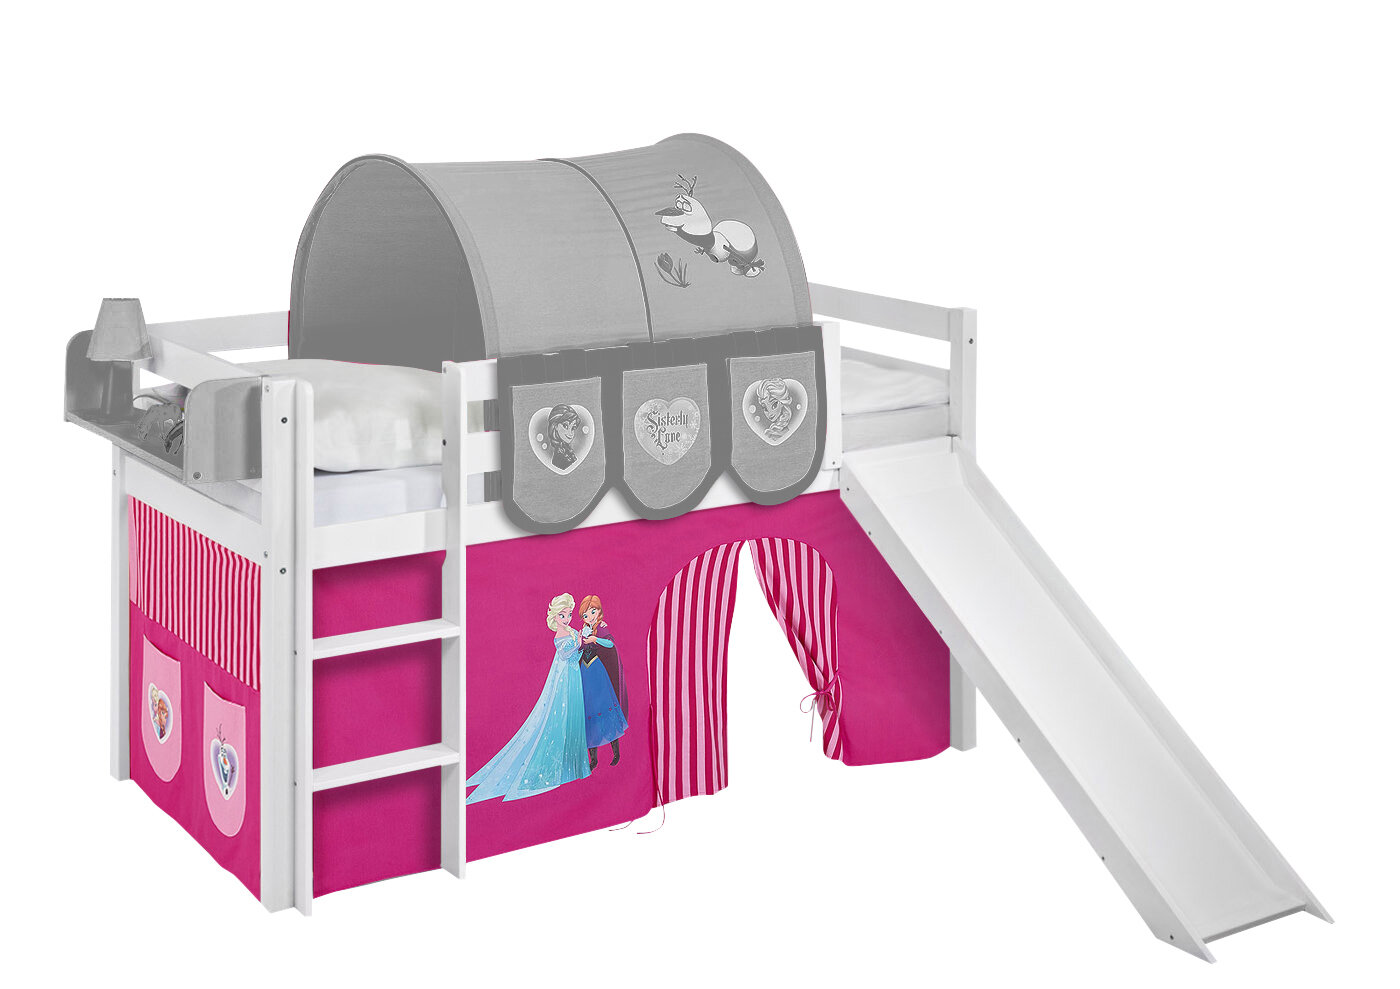 Etagenbett Zubehör Vorhänge : Frozen hochbett disneys mit hochbettvorhang & bewertungen